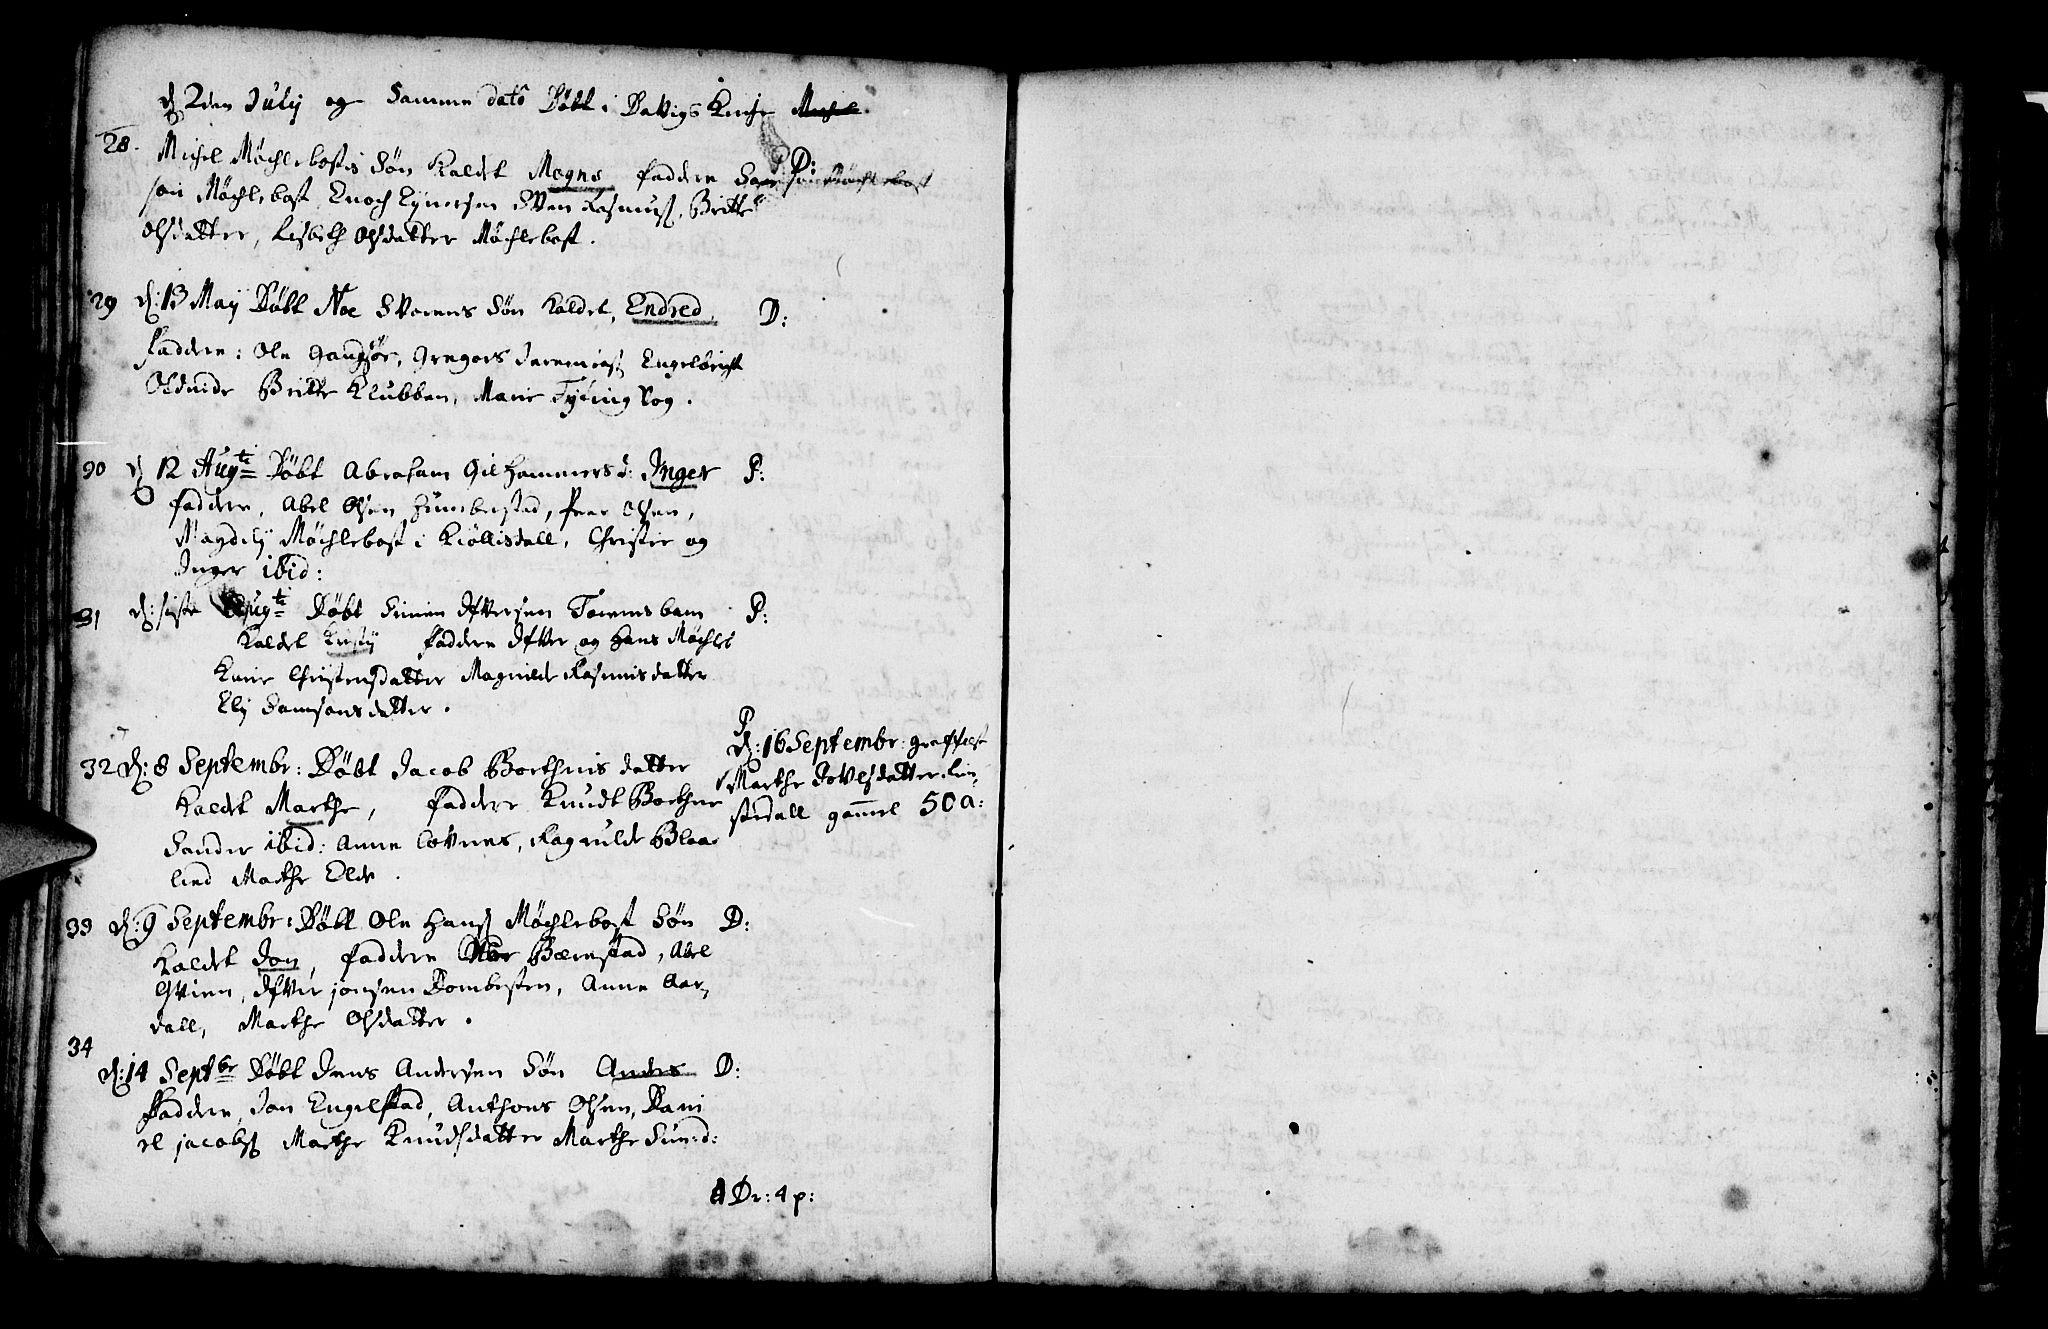 SAB, Davik sokneprestembete, Ministerialbok nr. A 1, 1710-1742, s. 110